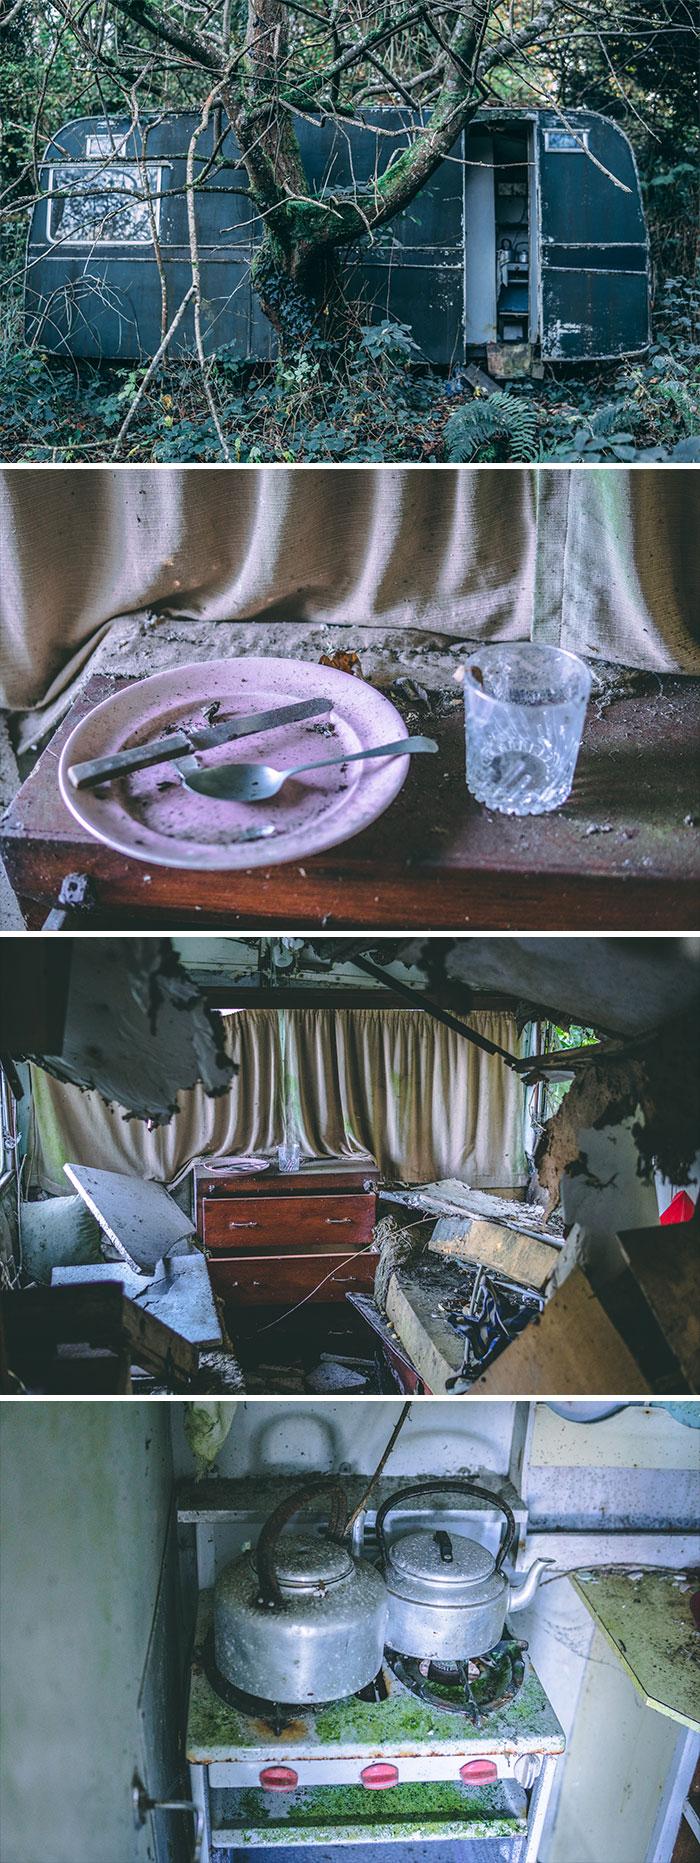 A Caravan Lost In The Woods